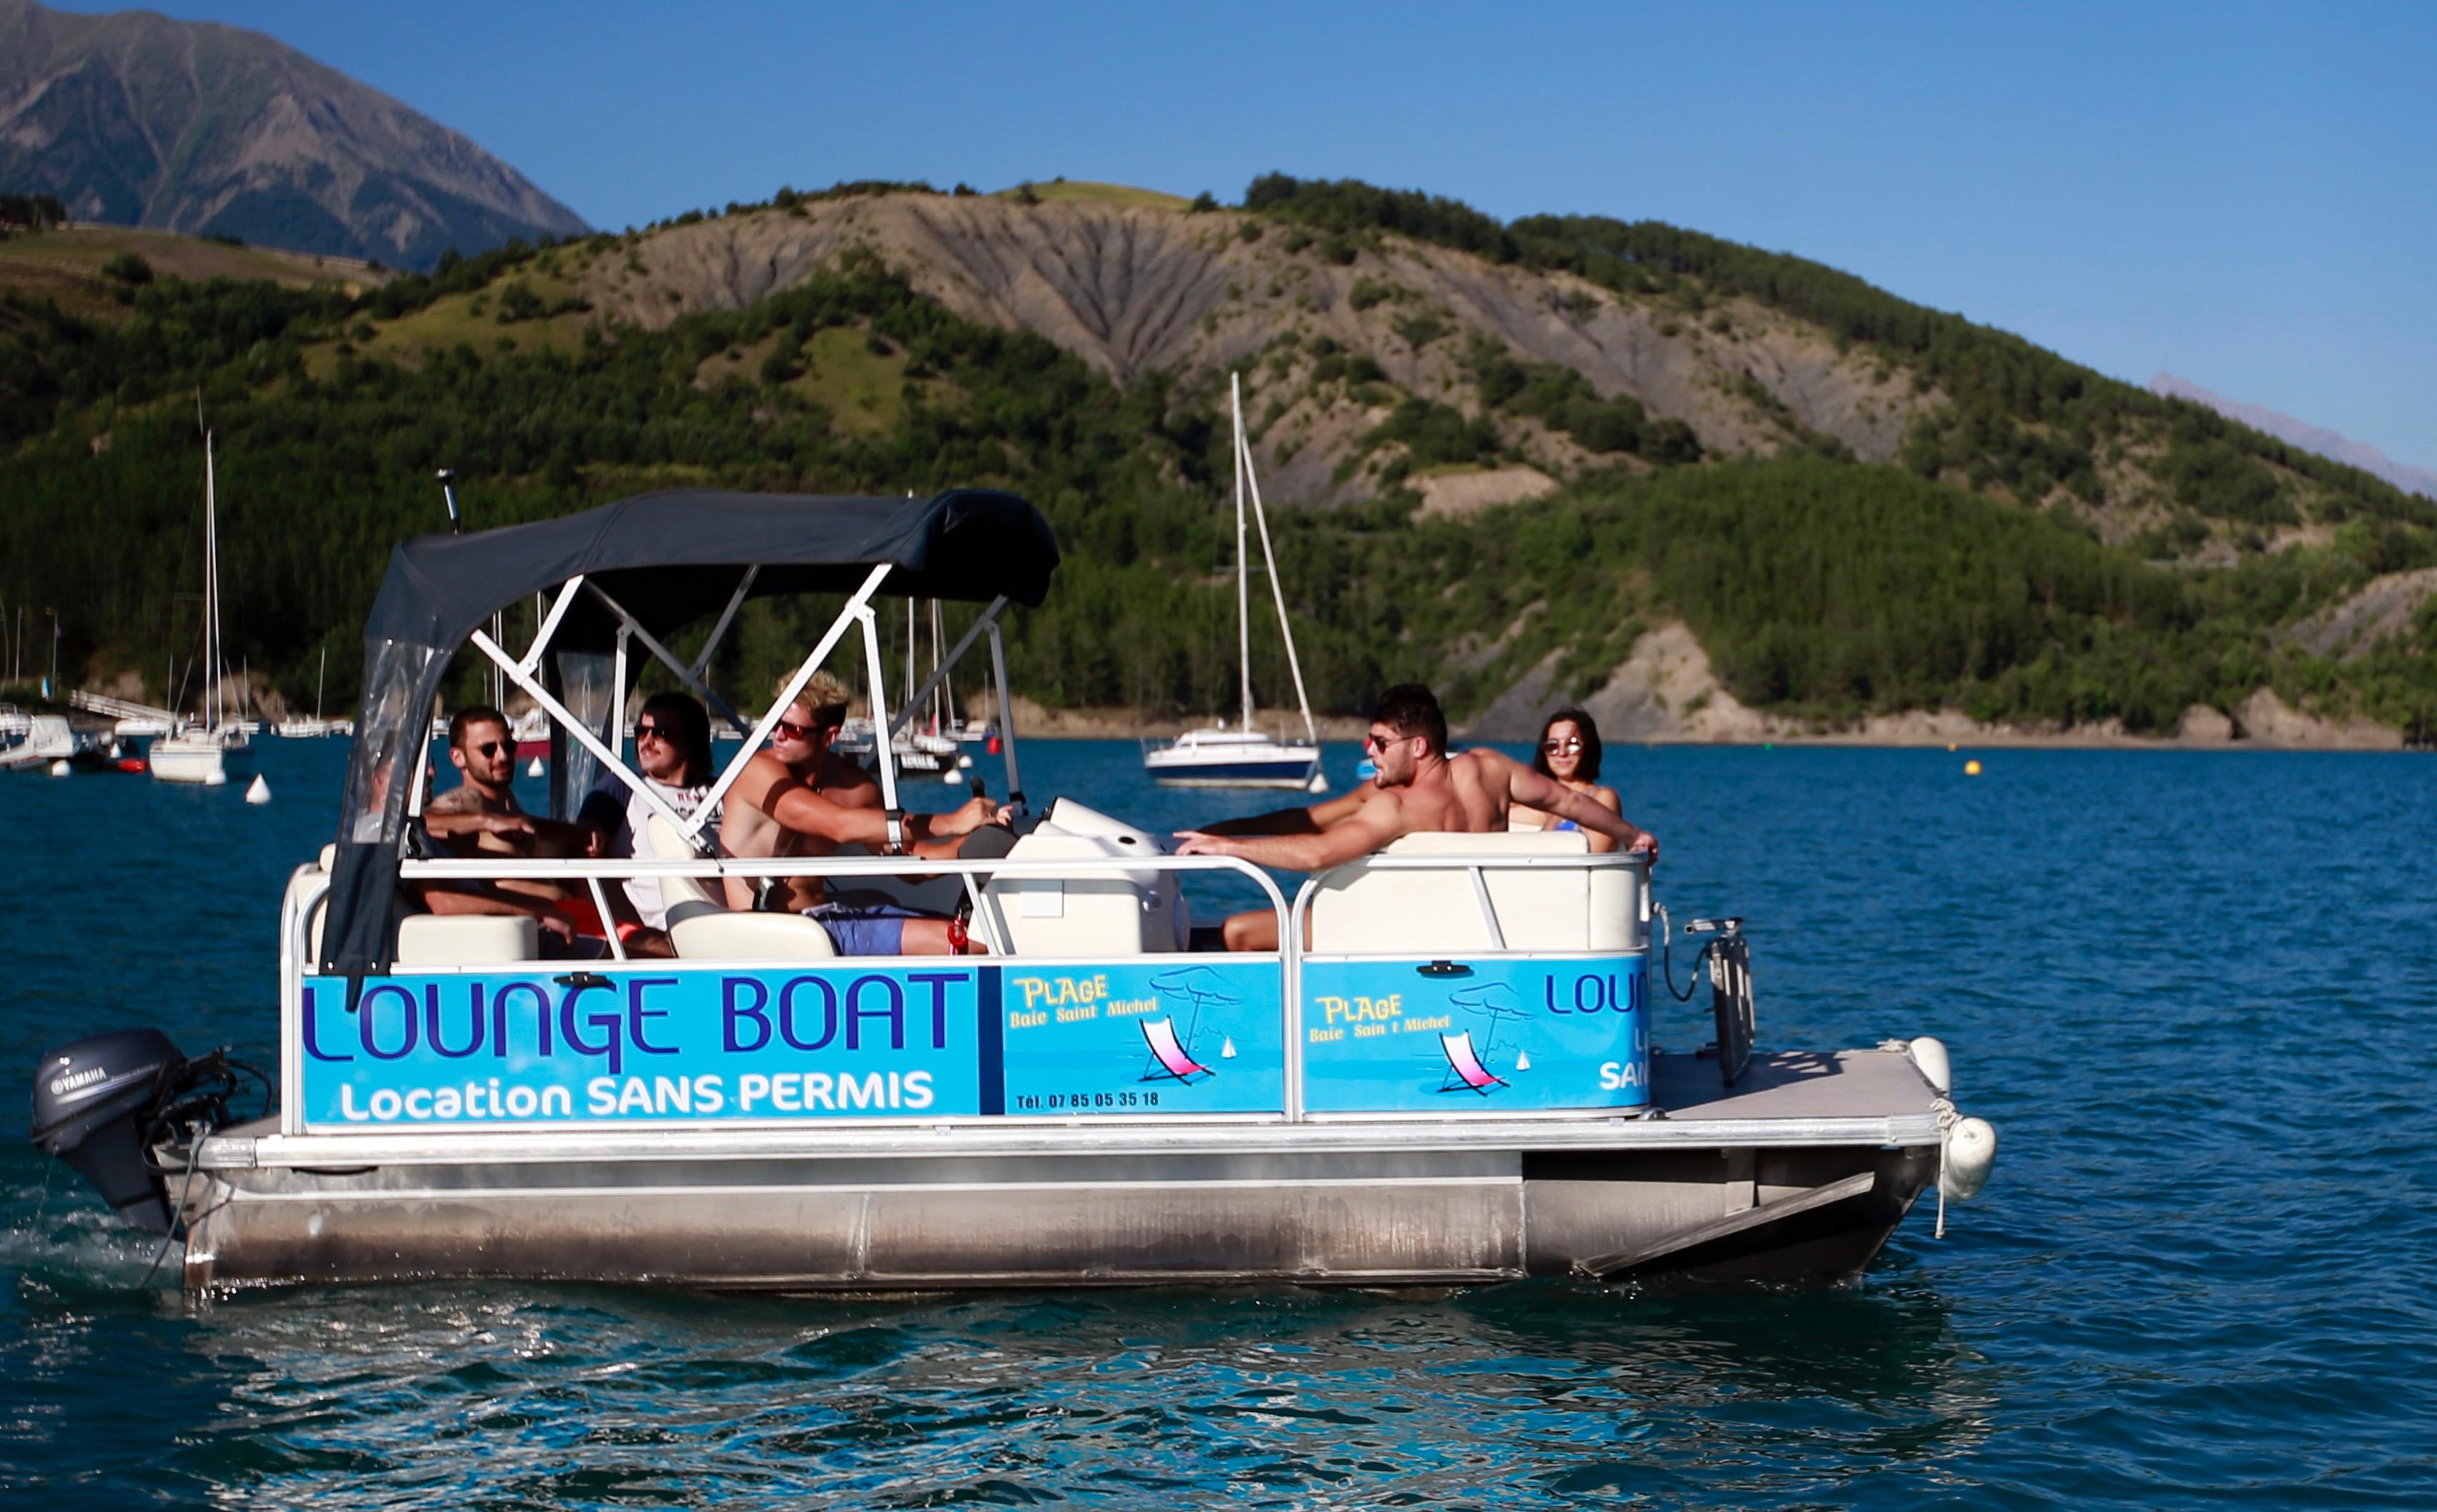 Location bateau sans permis 7 personnes lac de Serre-Ponçon accessible poussette et personne handicapée